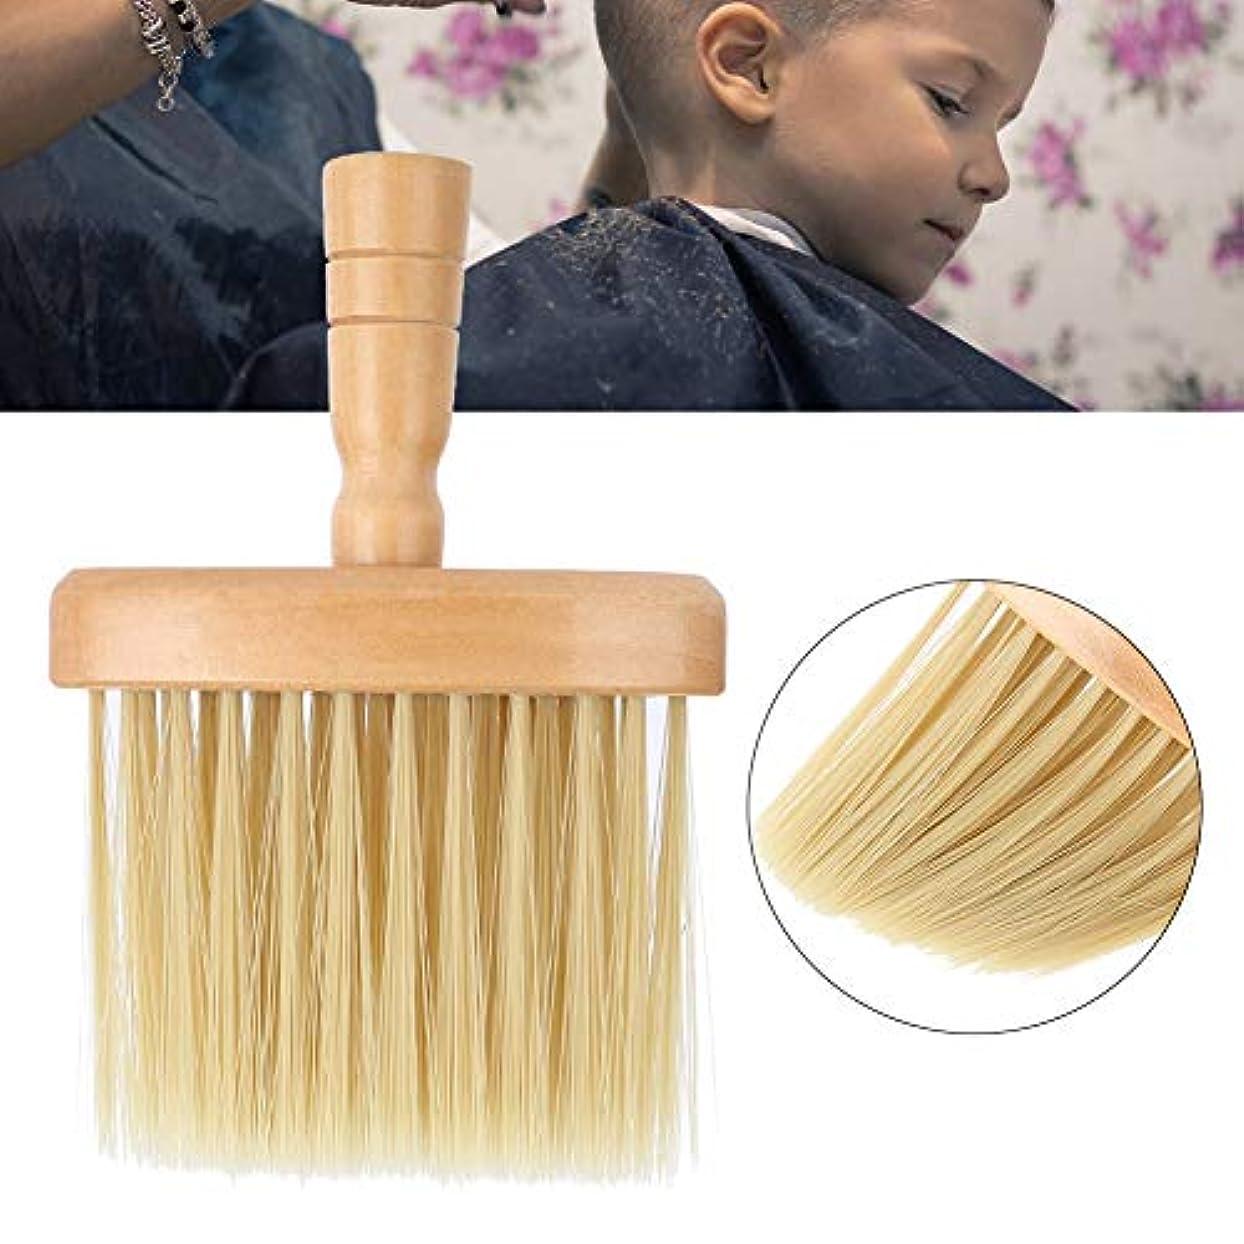 聖歌とげのある混乱したネックフェイスダスターブラシ サロンヘアクリーニング 木製 スイープブラシヘアカット 理髪ツール